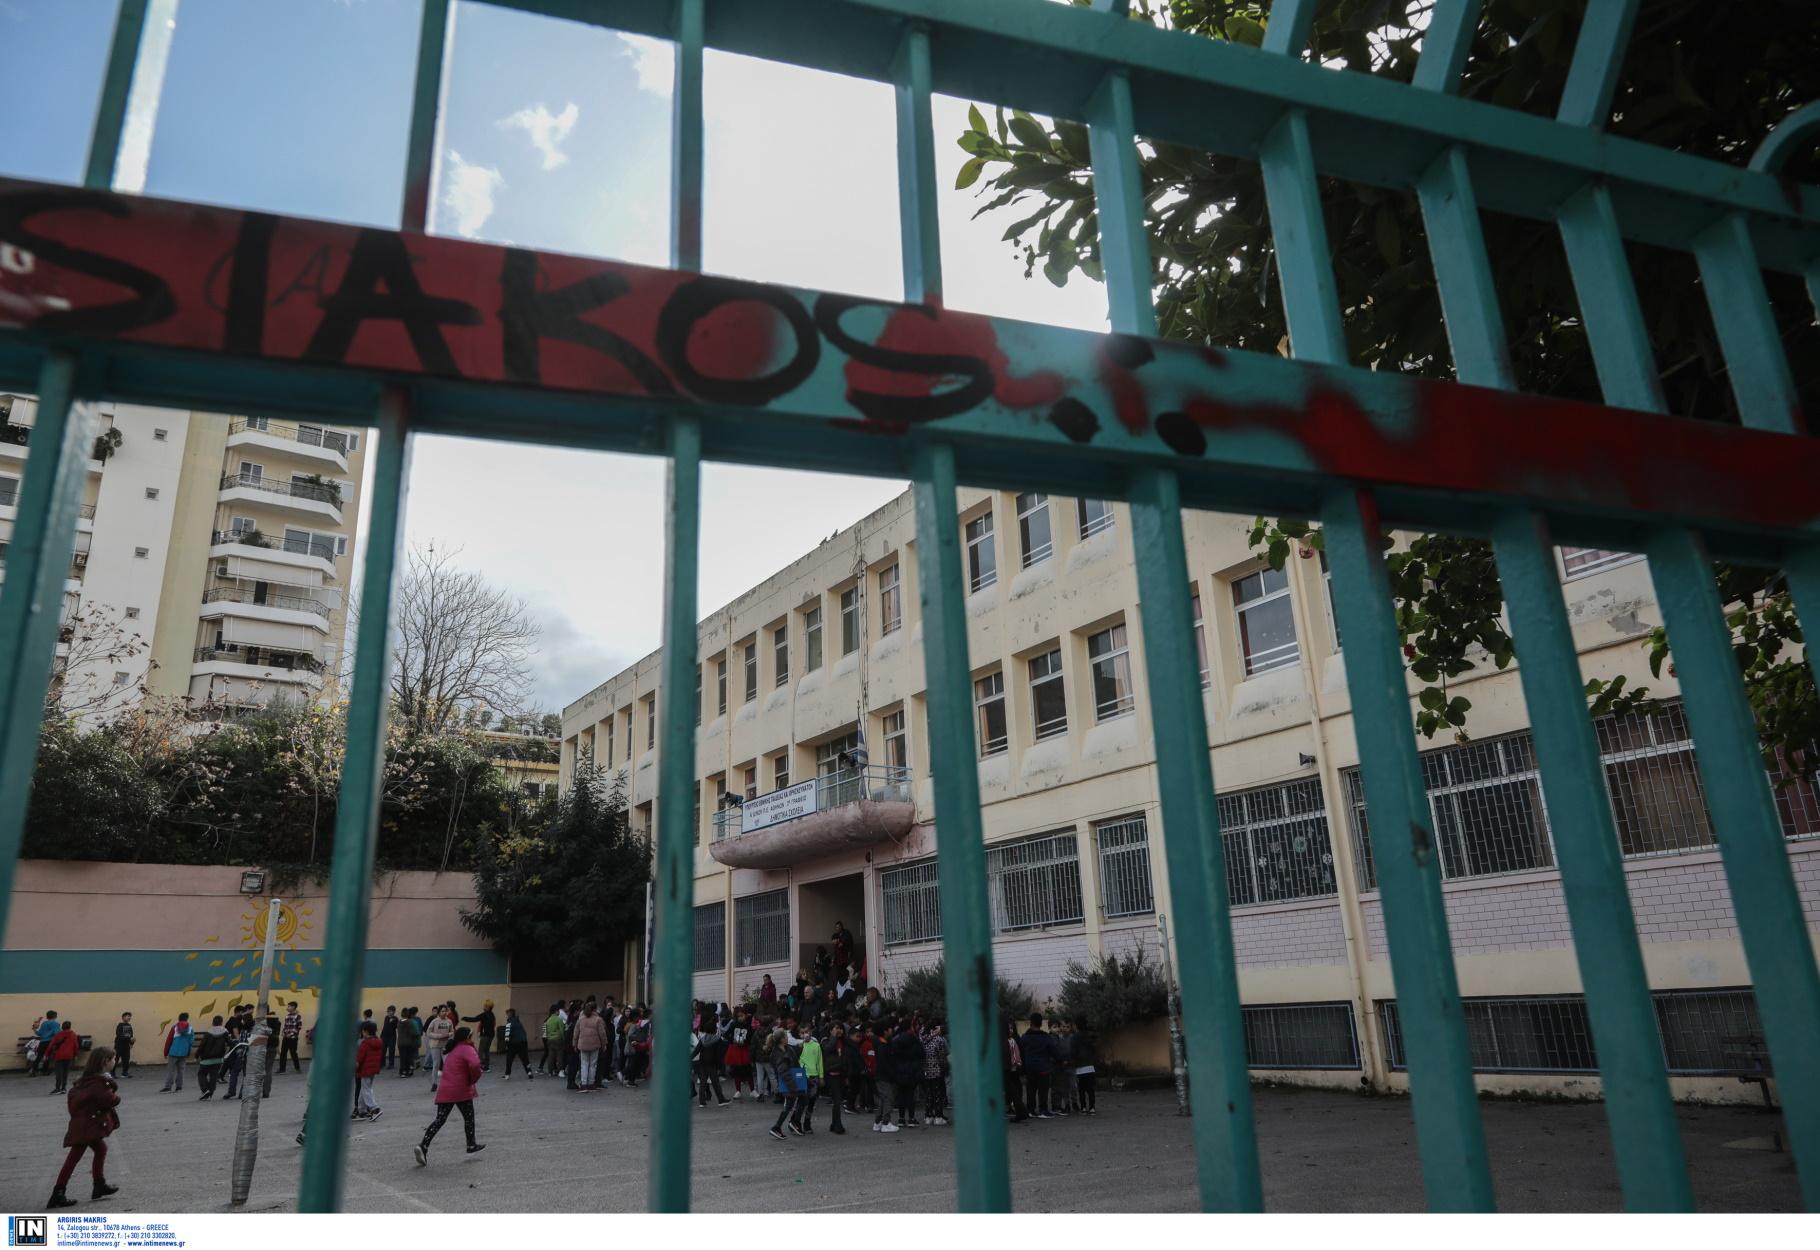 Κορονοϊός: Μαθητής λυκείου που ήταν ασυμπτωματικός, βρέθηκε θετικός – Οι καταγγελίες στο Newsit